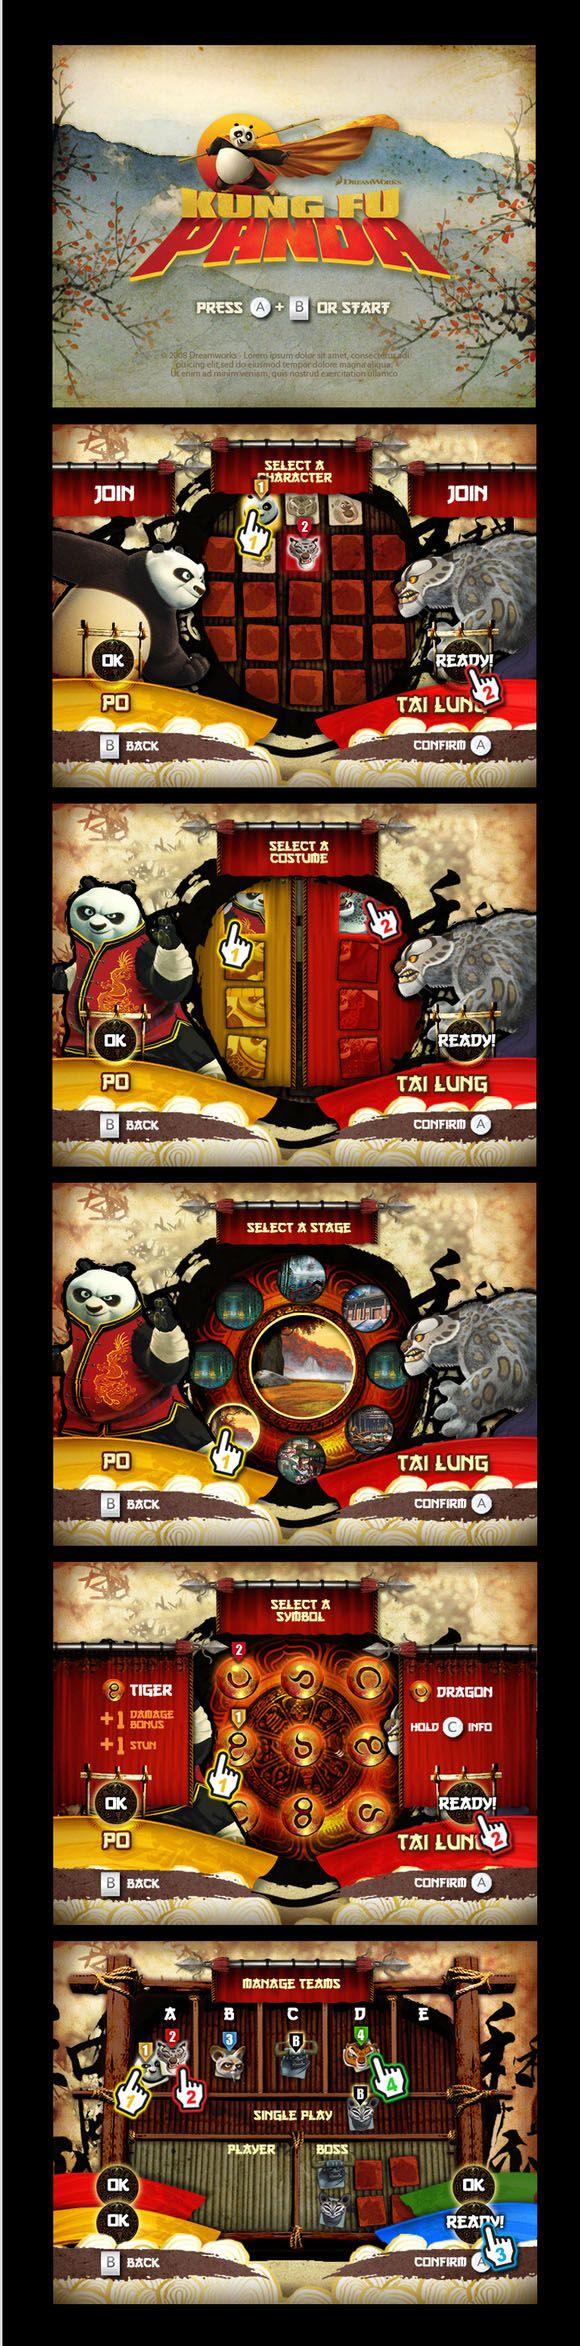 功夫熊猫 [GUI] |GAMEUI- 游戏设计圈聚集地 | 游戏UI | 游戏界面 | 游戏图标 | 游戏网站 | 游戏群 | 游戏设计